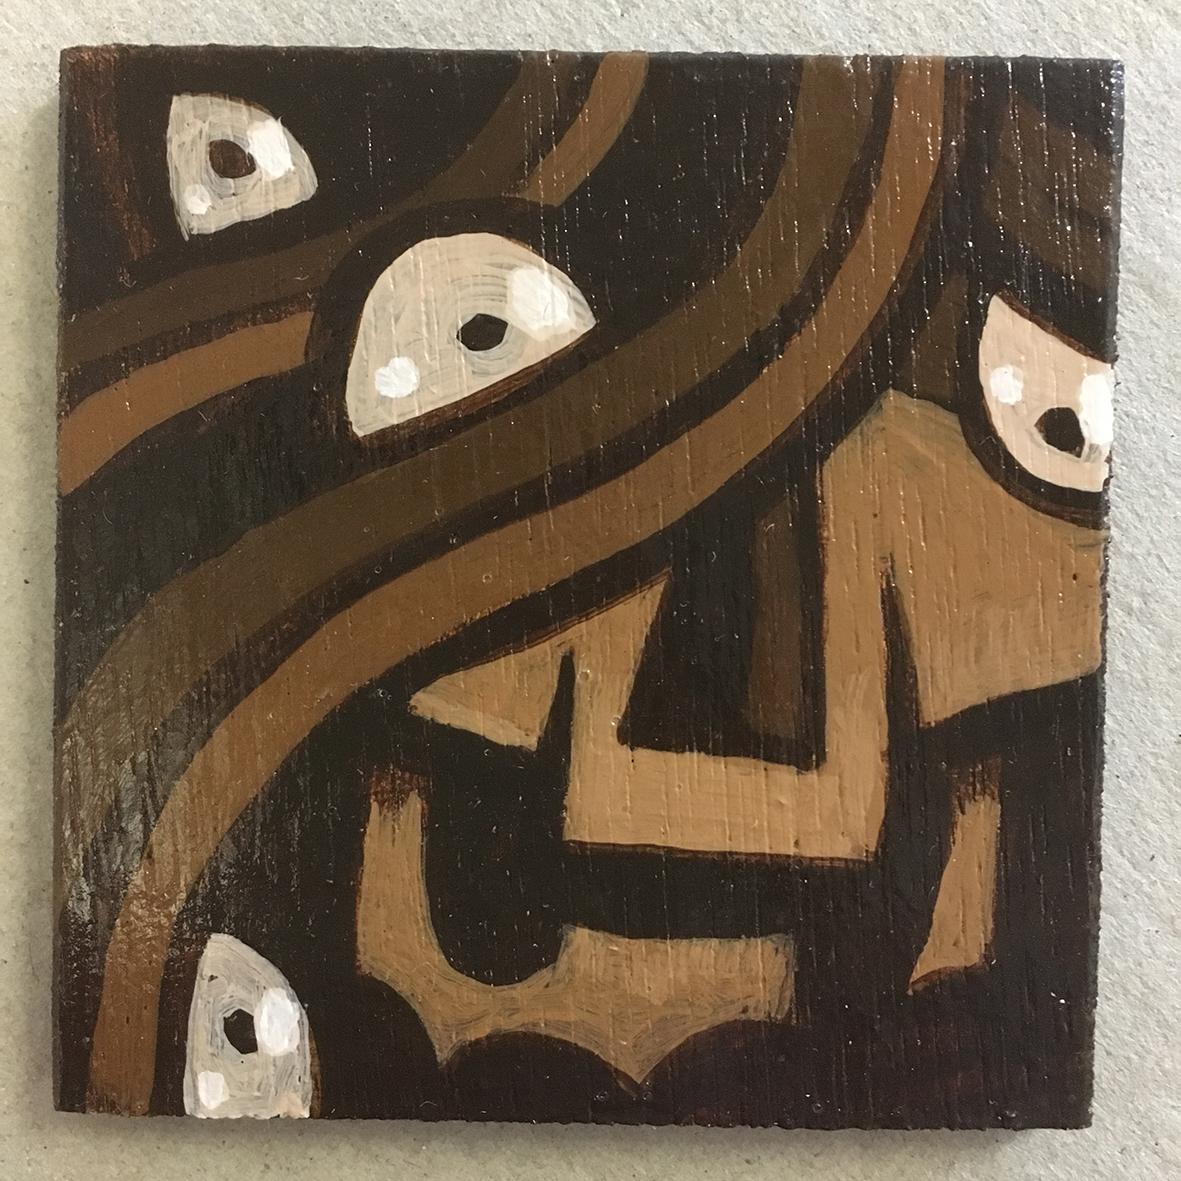 Umber Skull 2 painting